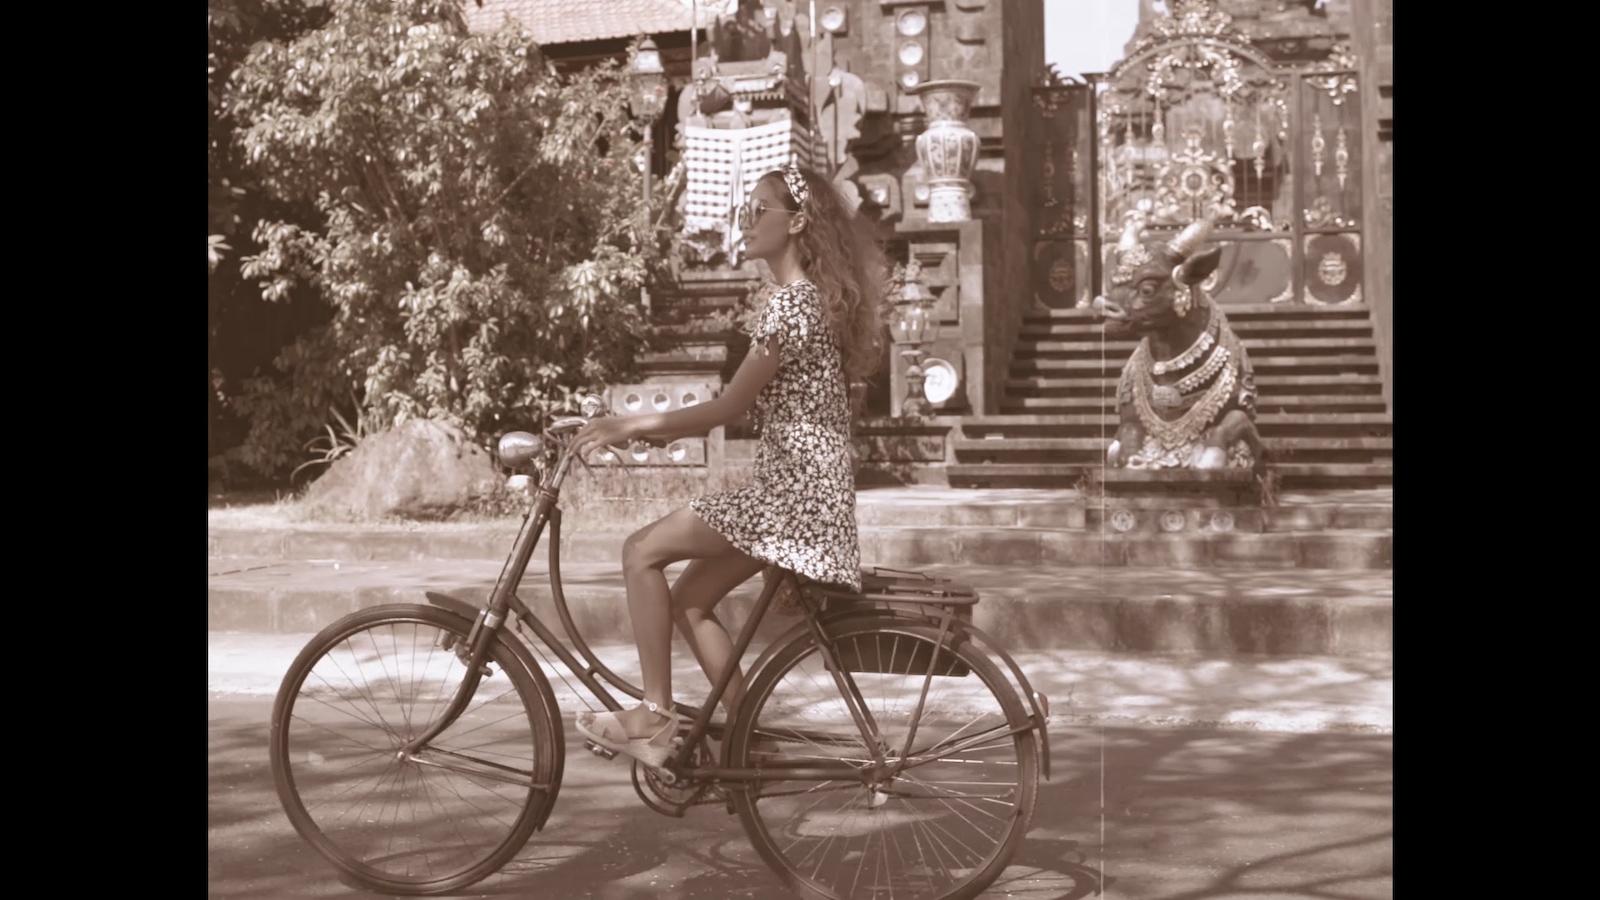 024-cyclingcommando-Putri-Cinta-Mainvid-stills-6.jpg